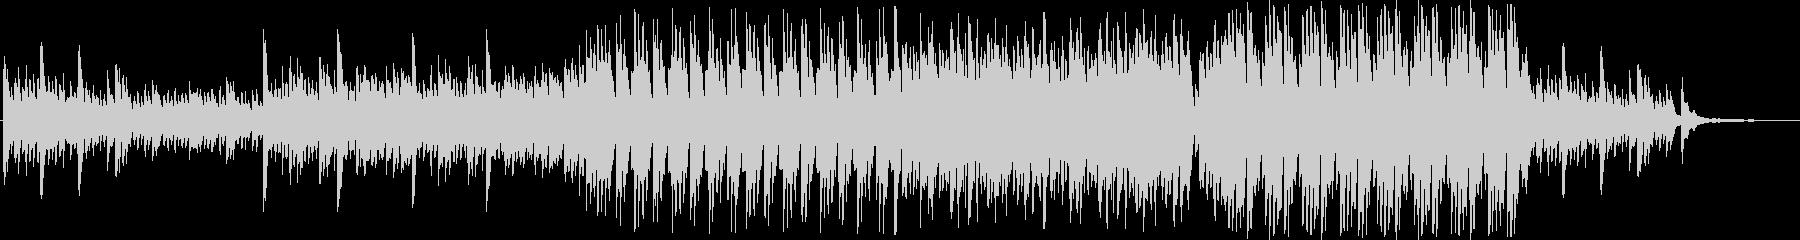 ゆったりとした雰囲気の4台ピアノ曲の未再生の波形